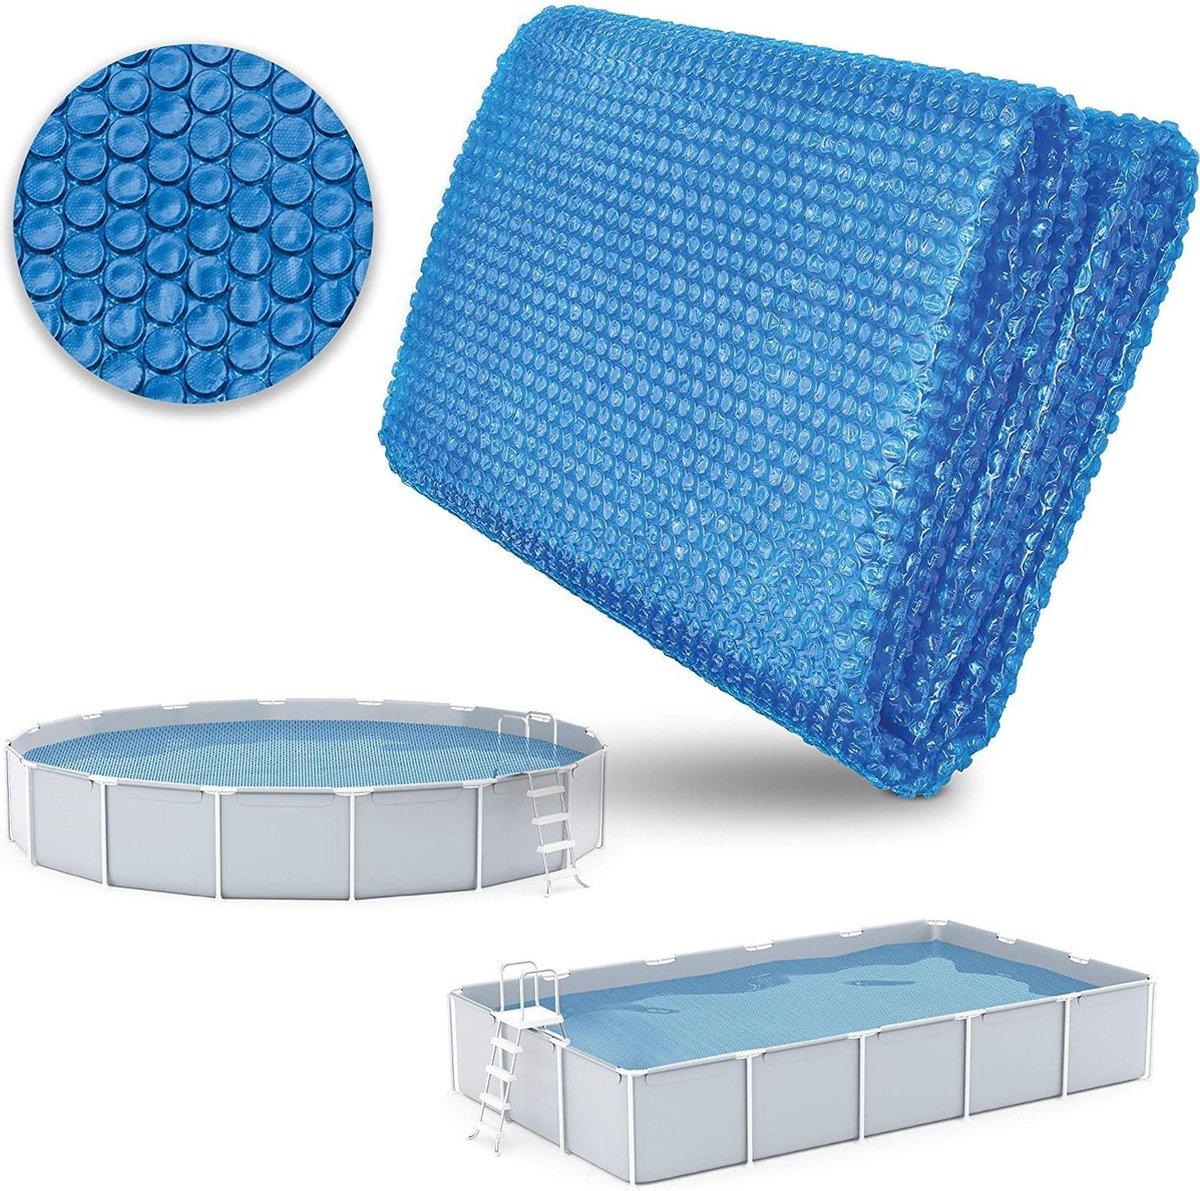 Sens Design Afdekzeil Zwembad - Zwembadzeil - solar - rond - Ø 244cm